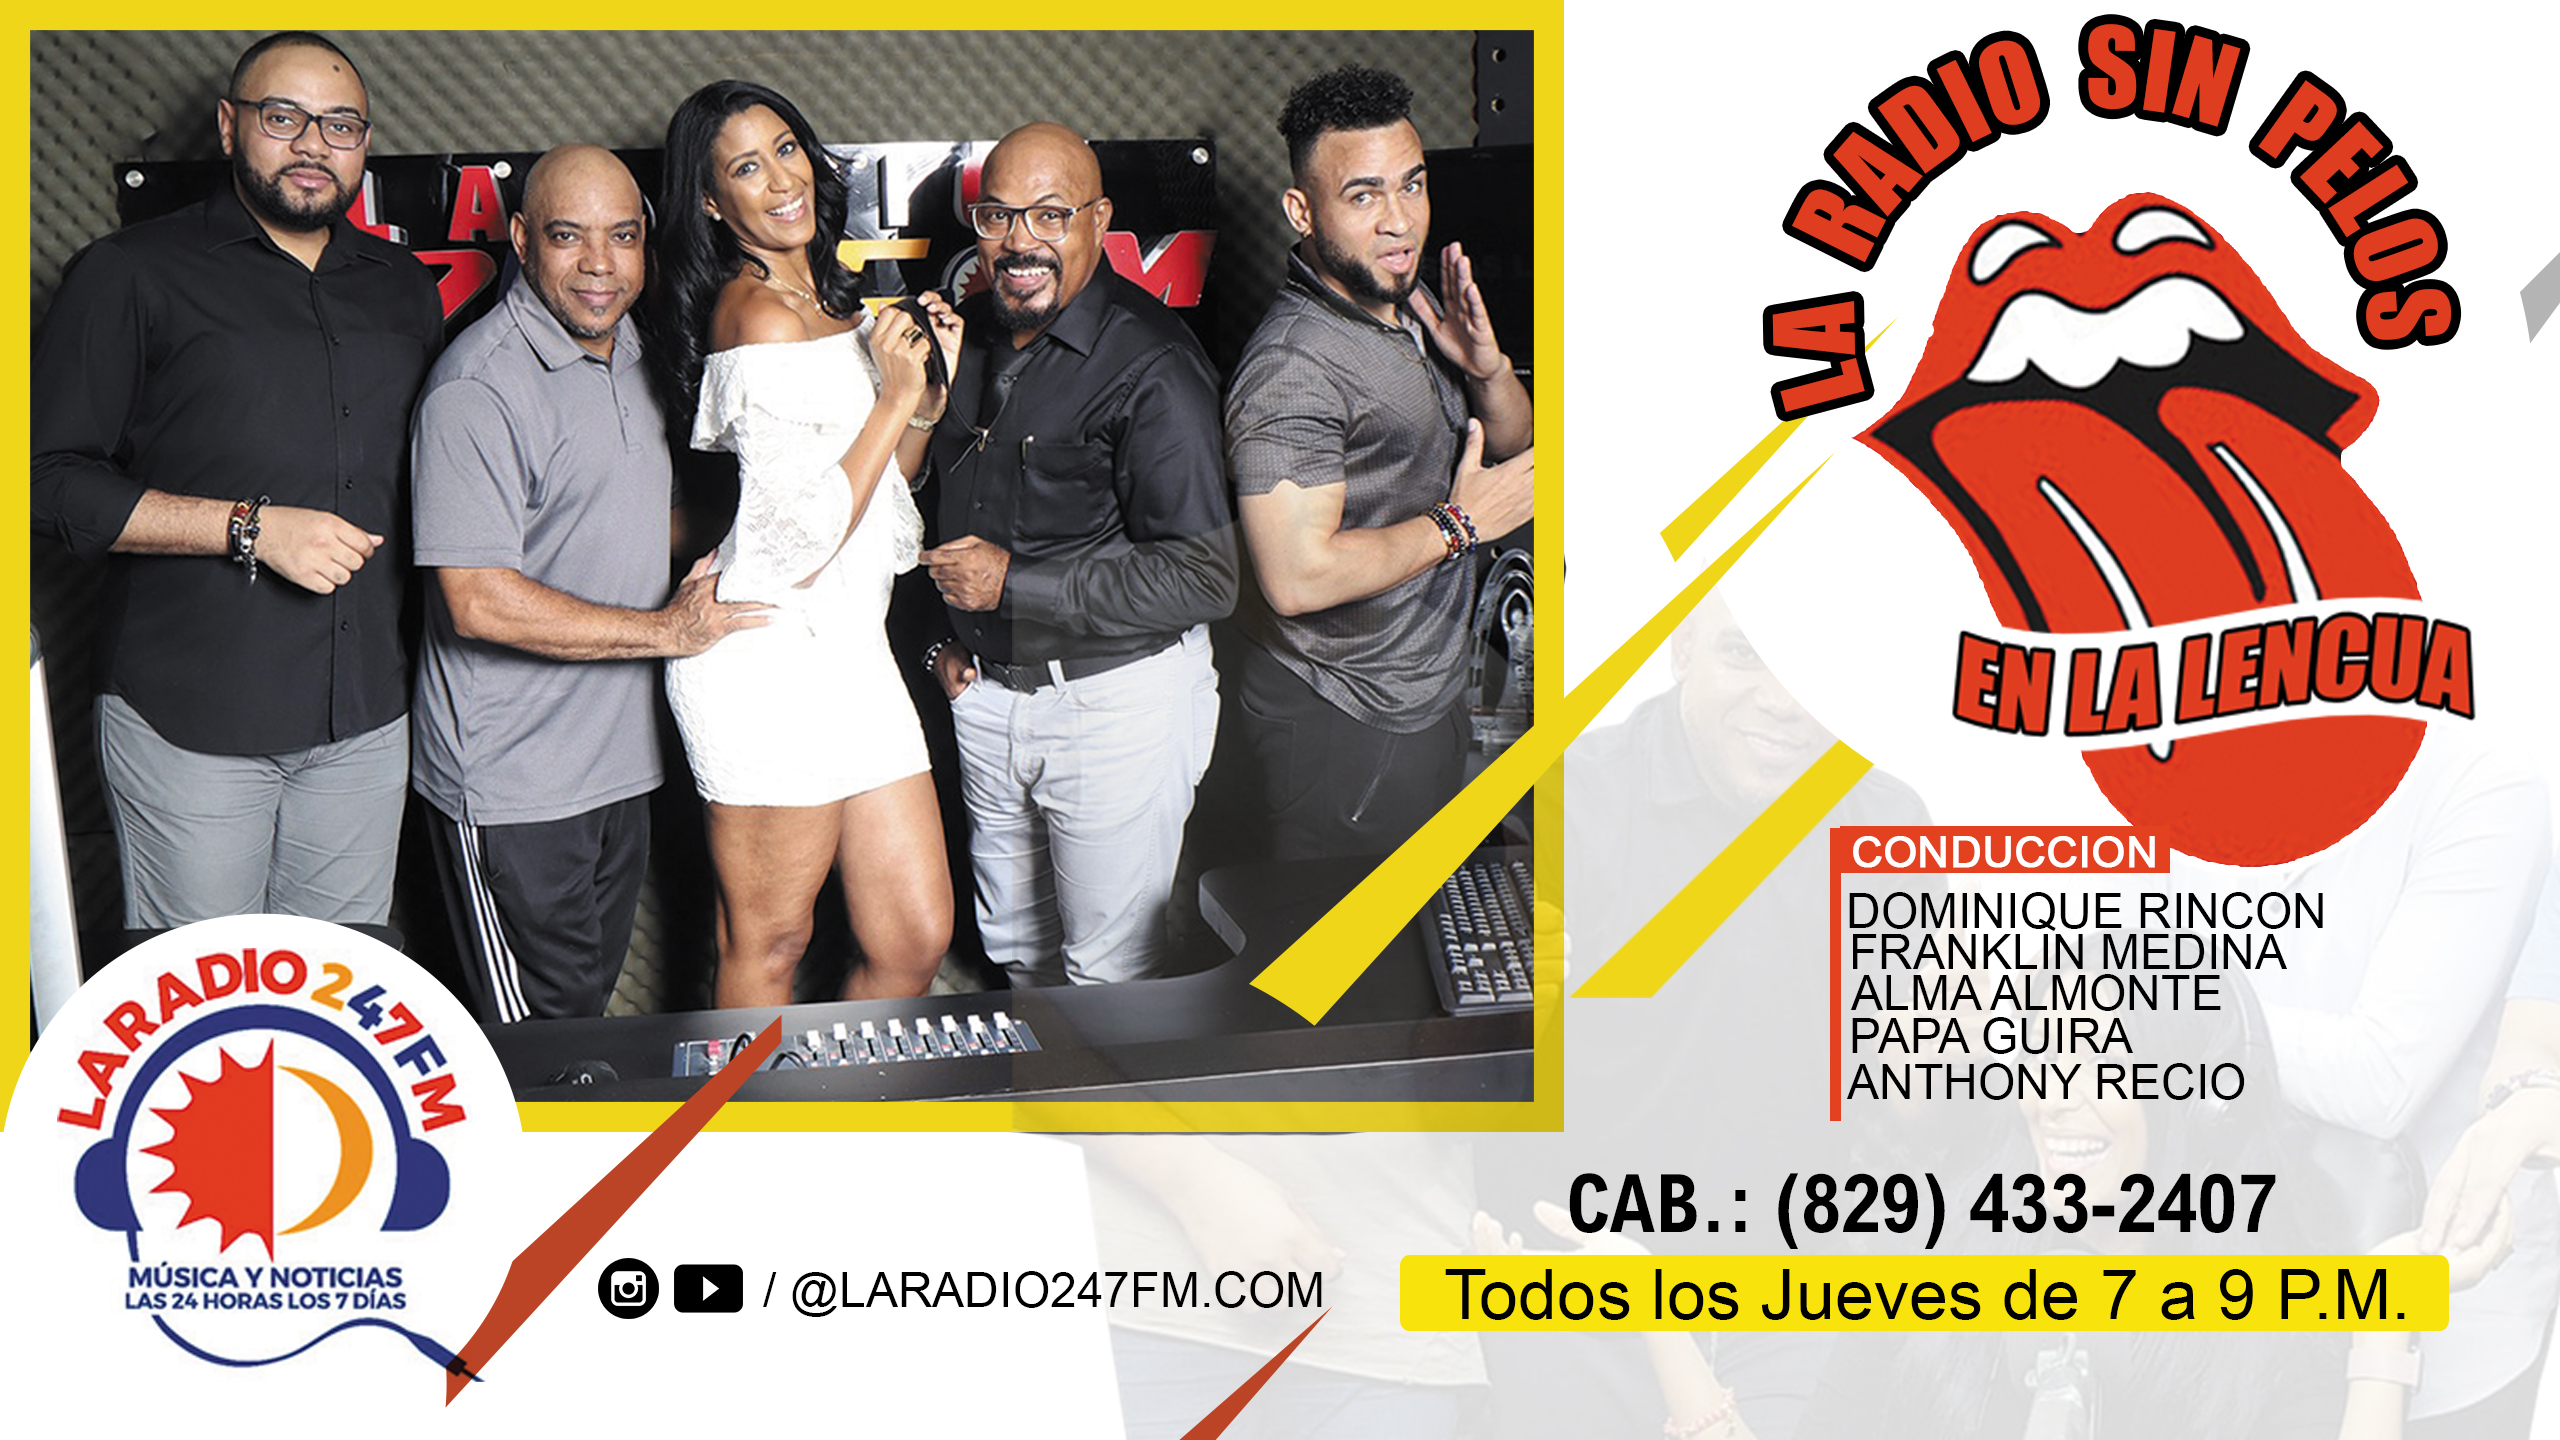 LARADIO SIN PELOS EN LA LENGUA NAVIDAD COMPLETO 13 NOV 19 #LARADIO247FM